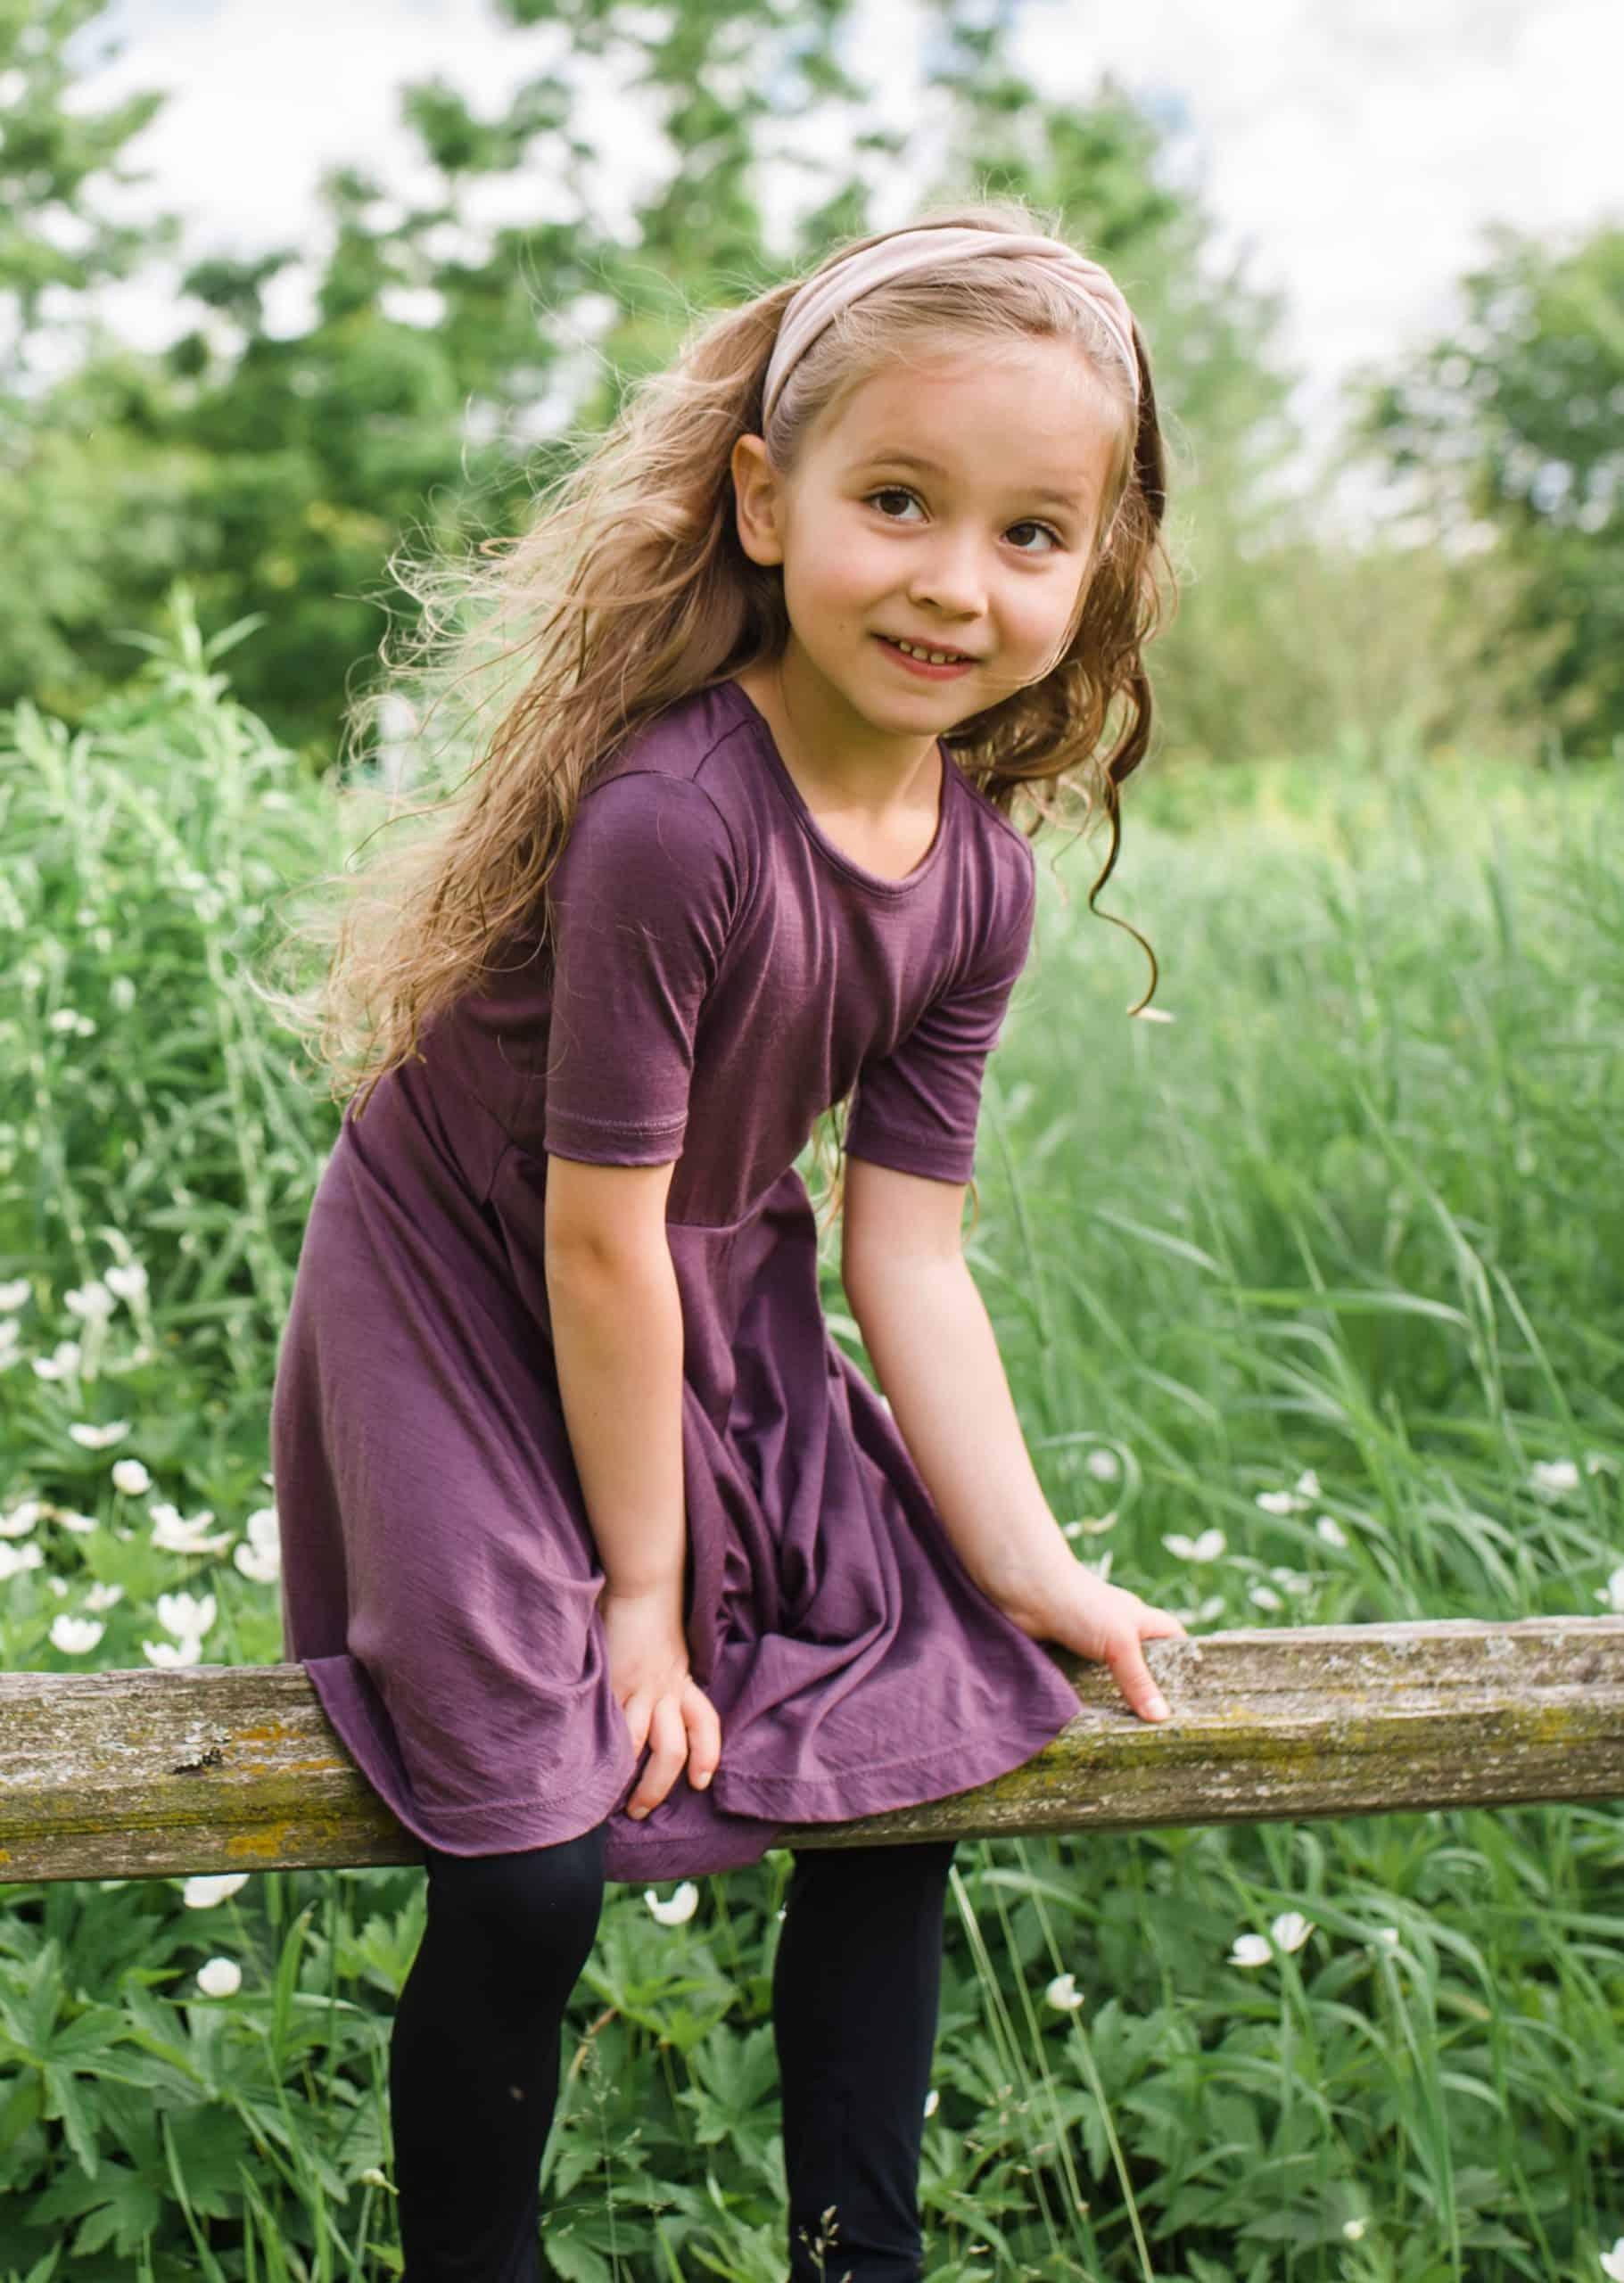 A girl in Ellie&Anders clothing